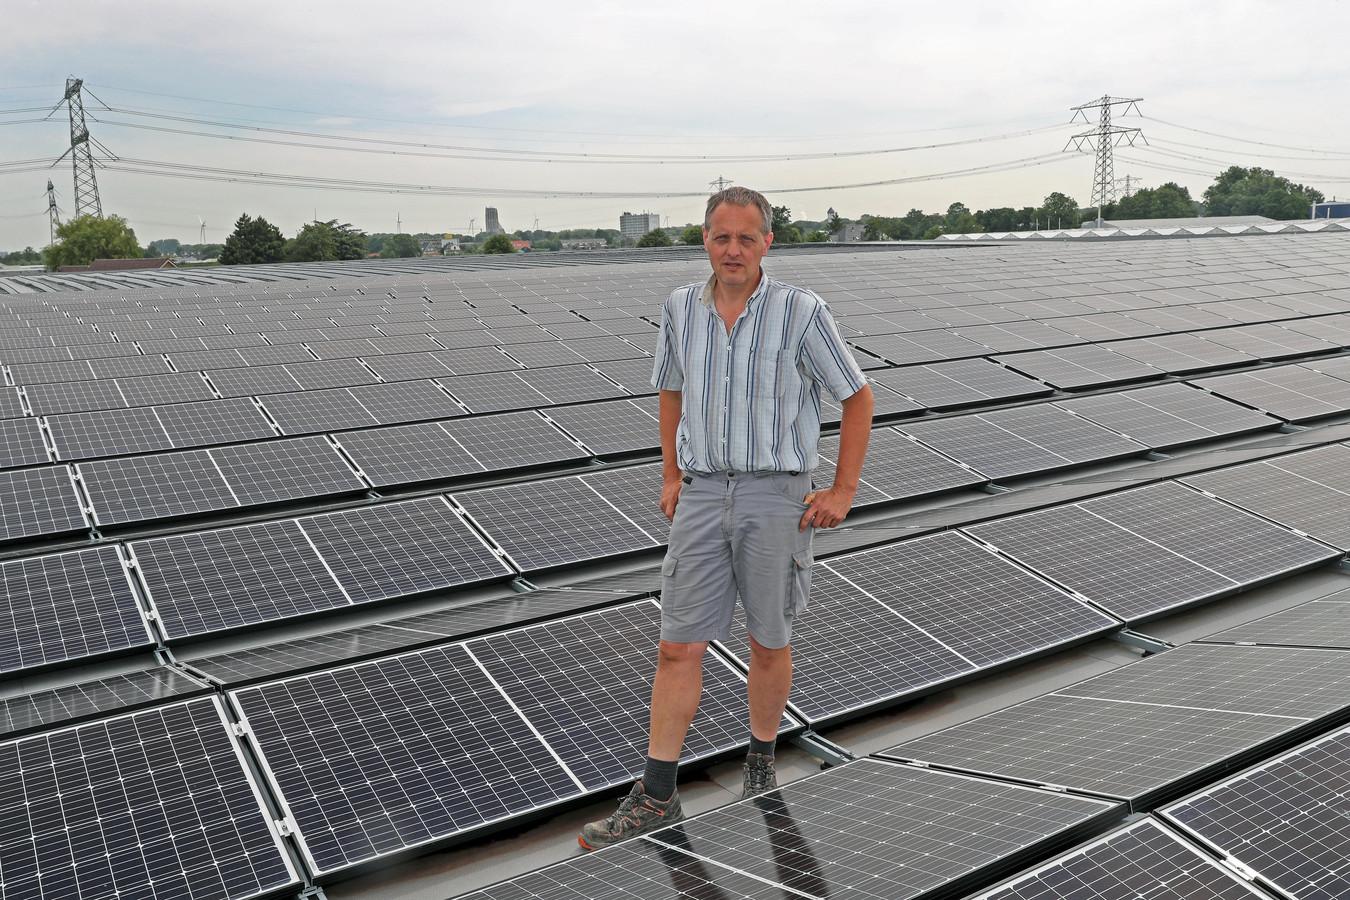 De zonnepanelen van tuinder Jan Varekamp in Tinte